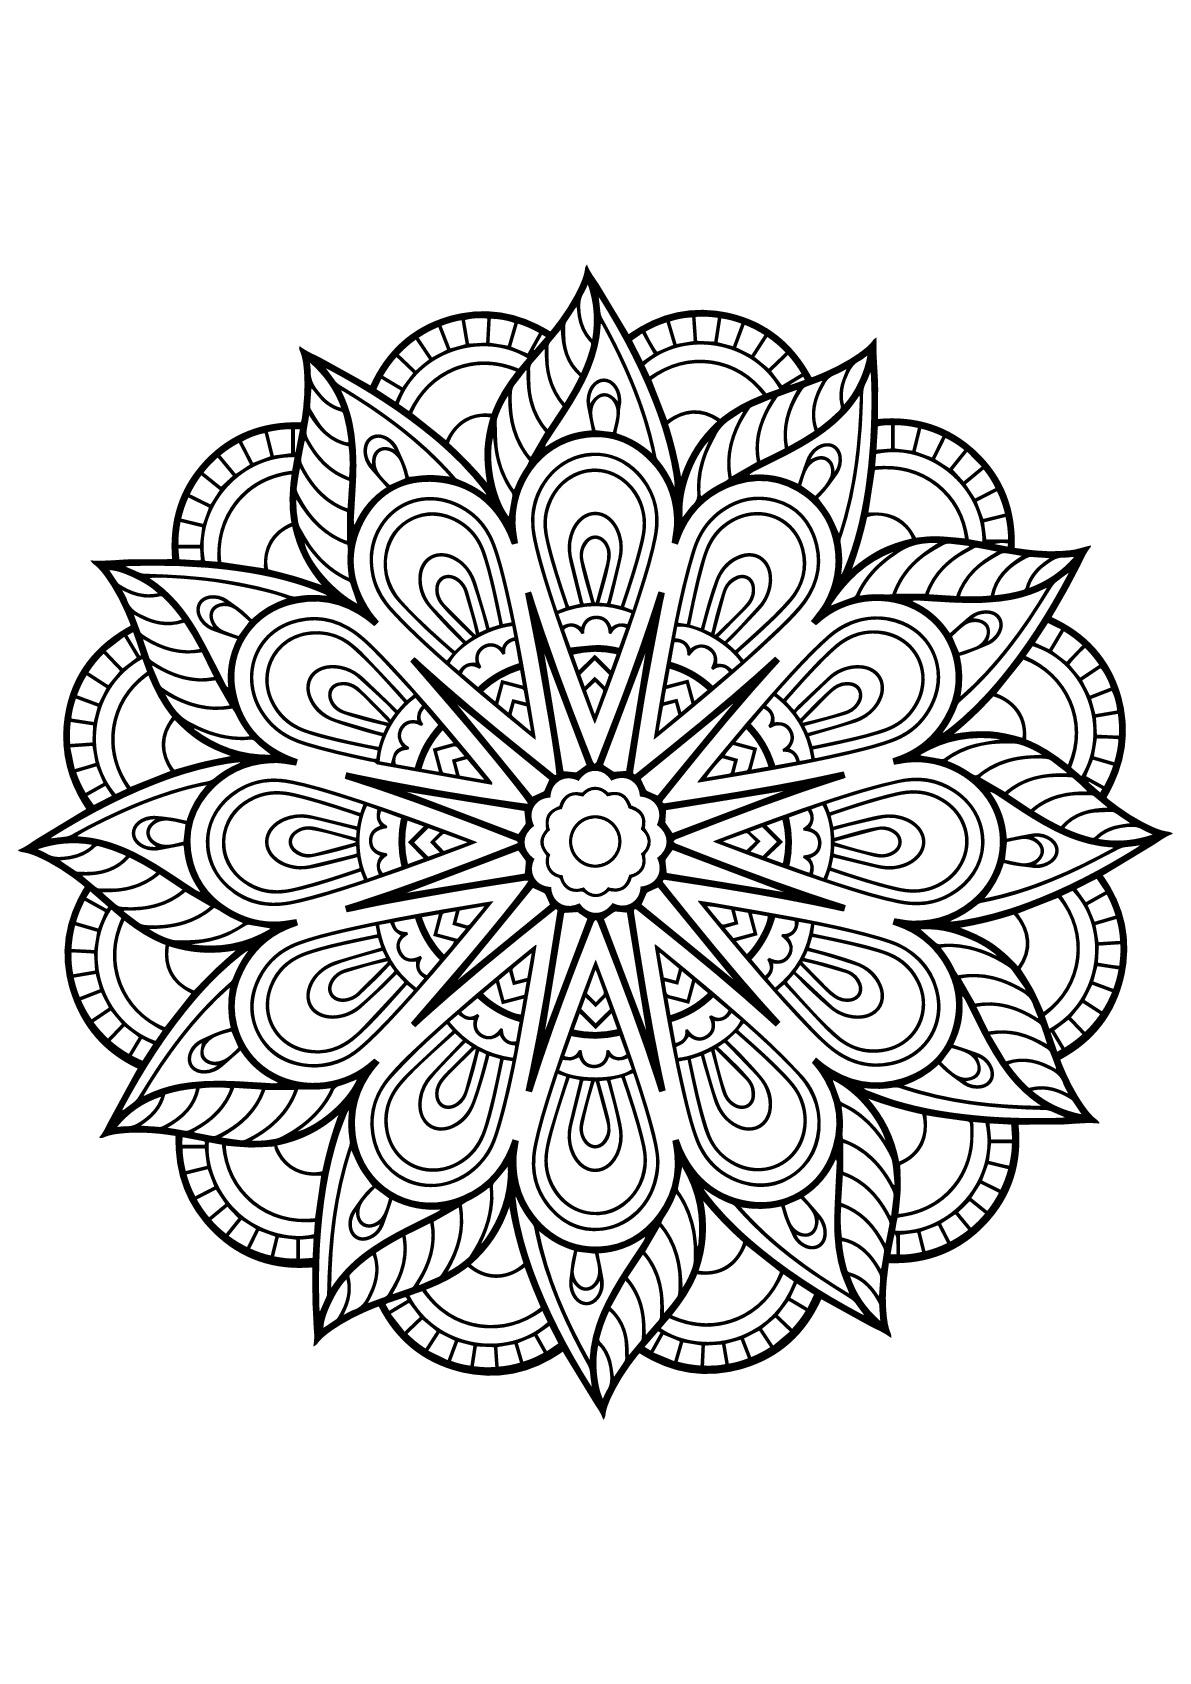 Mandala livre gratuit 1 mandalas coloriages difficiles - Coloriages mandalas ...